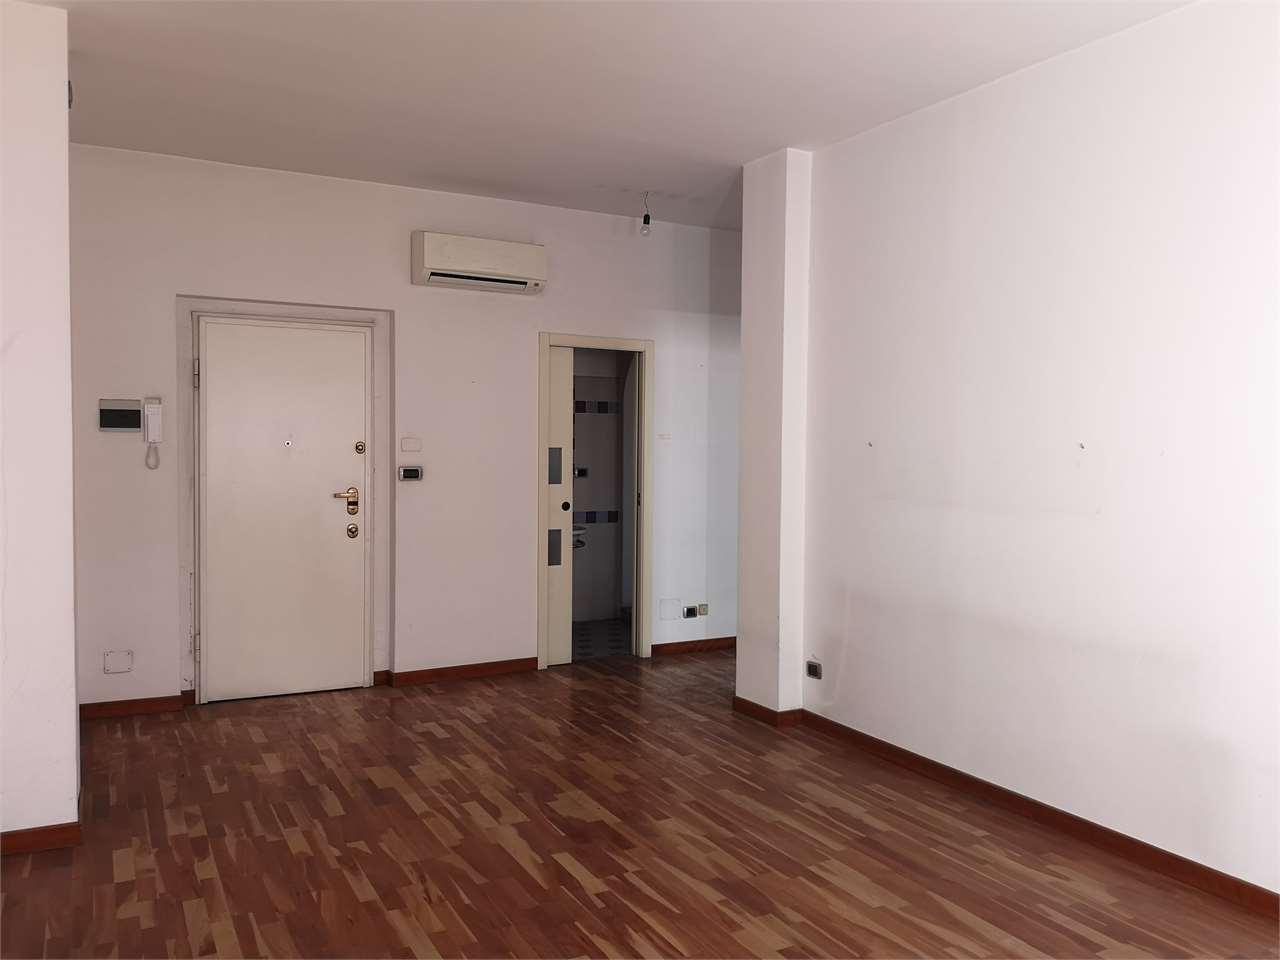 Vendita Trilocale Appartamento Asti corso alfieri 166 196485